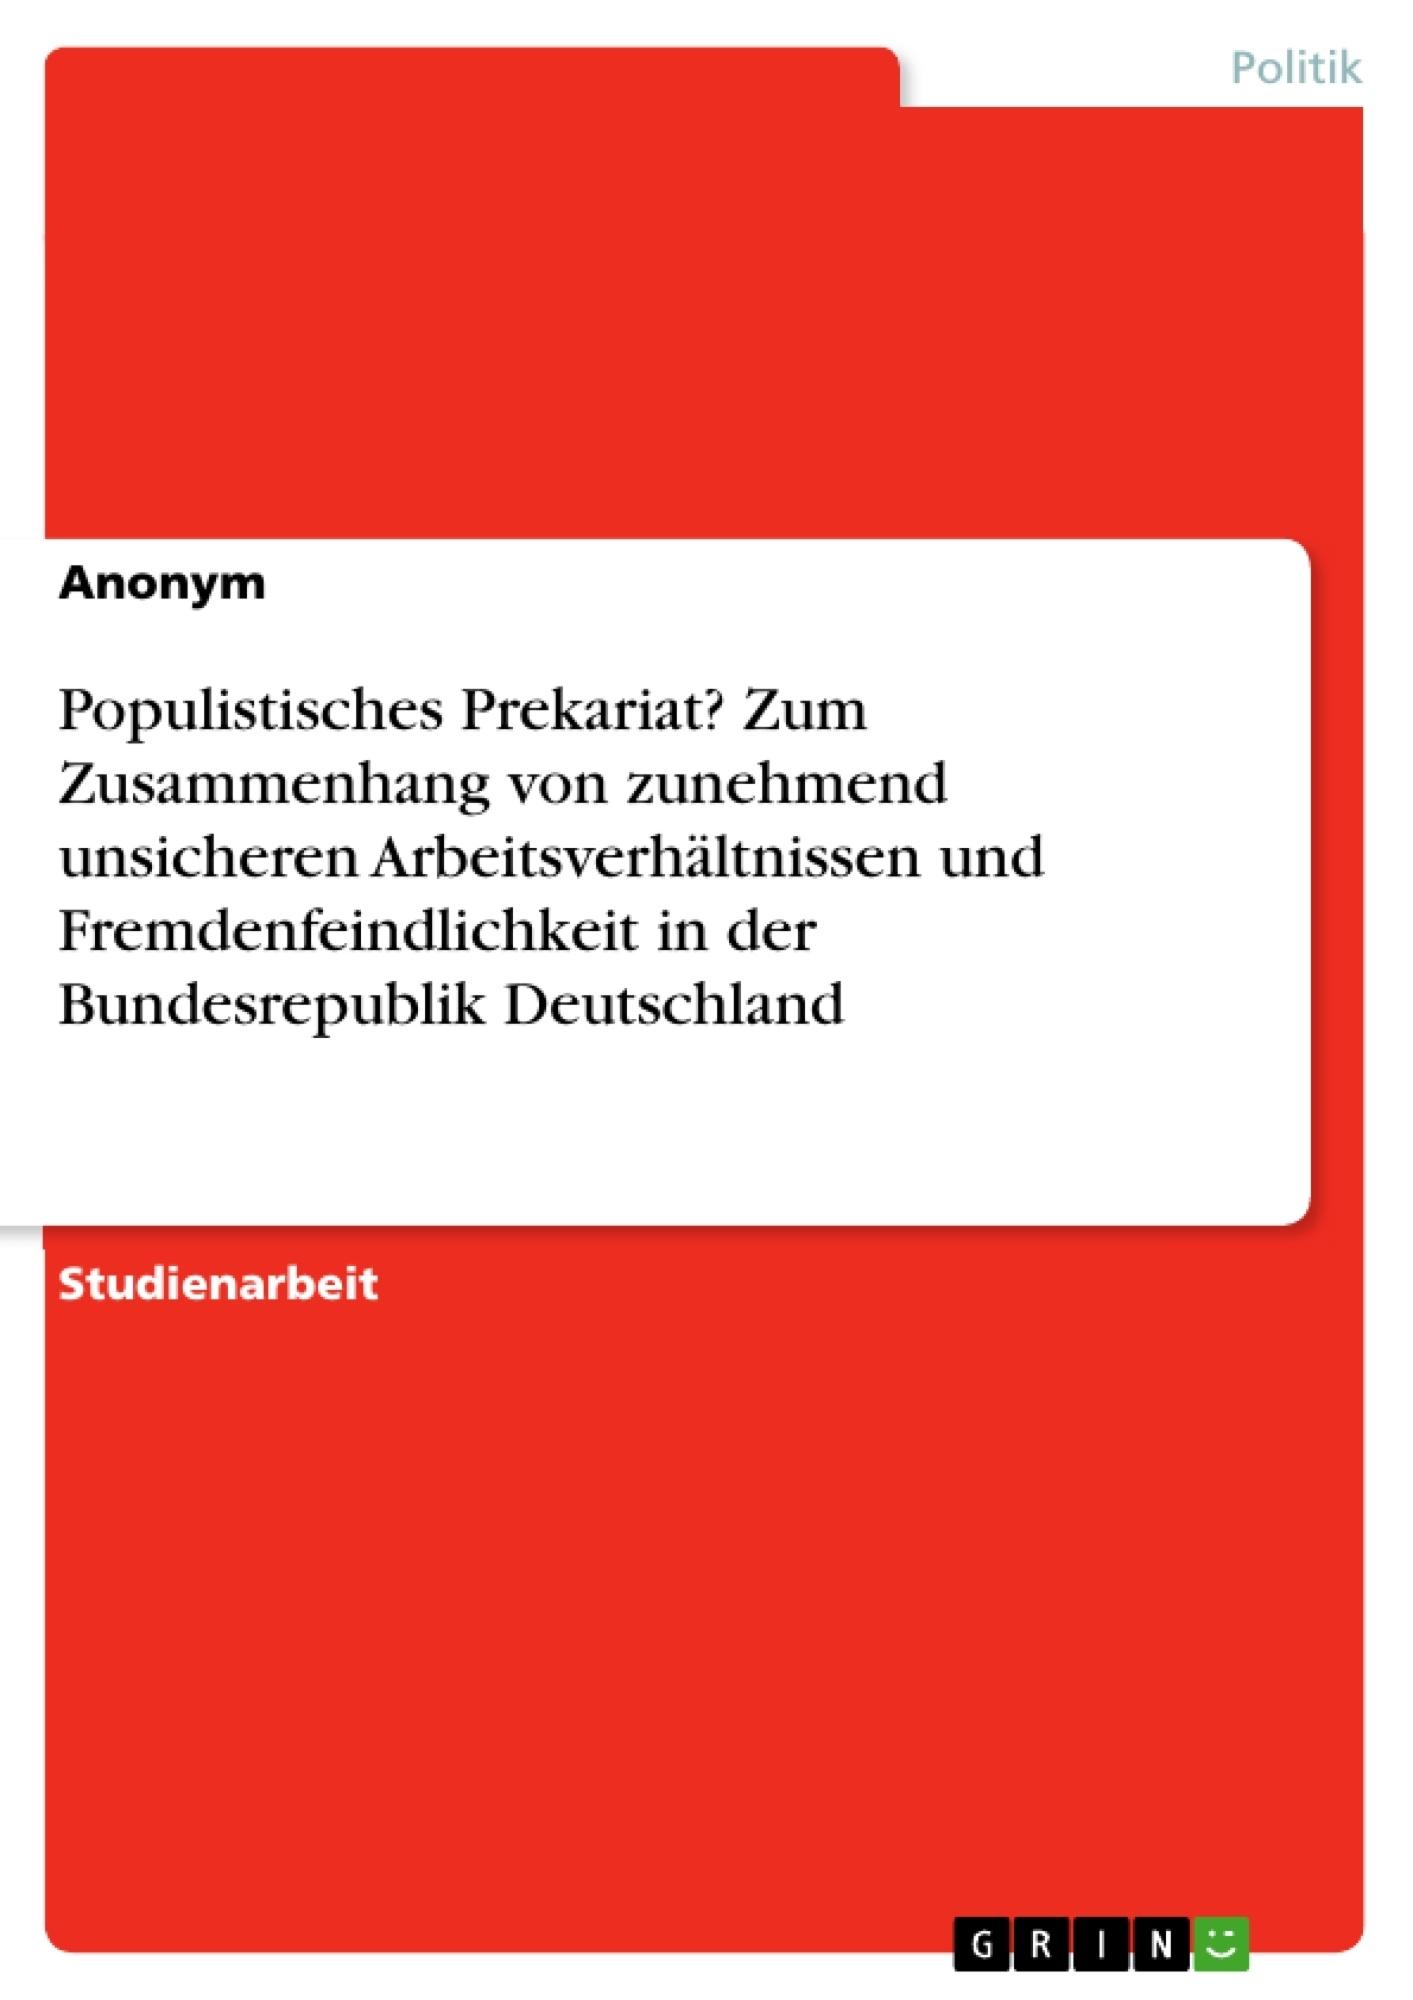 Titel: Populistisches Prekariat? Zum Zusammenhang von zunehmend unsicheren Arbeitsverhältnissen und Fremdenfeindlichkeit in der Bundesrepublik Deutschland